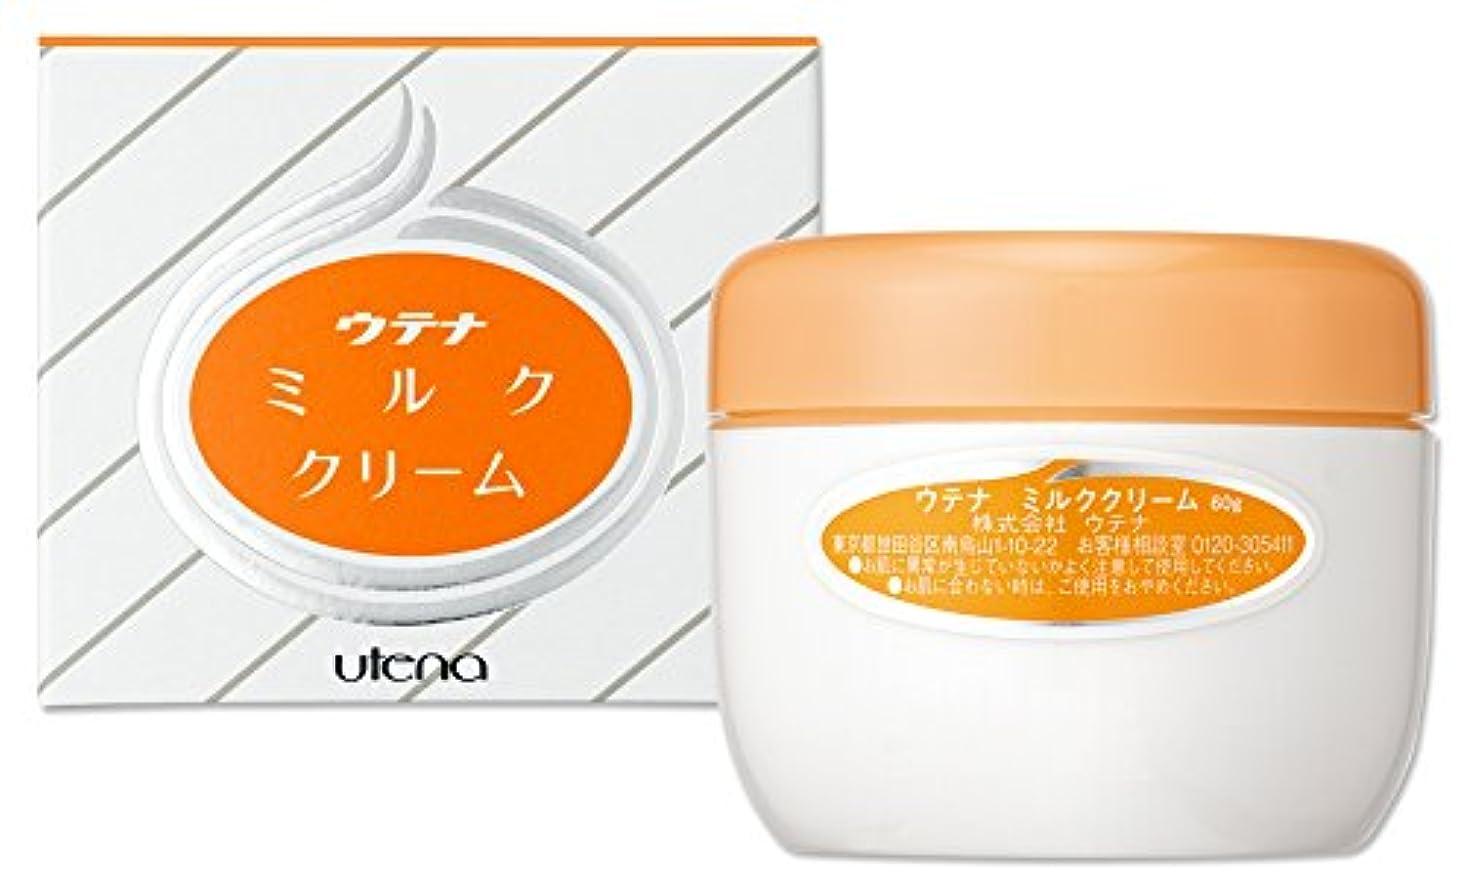 結晶しょっぱい容量ウテナ ミルクククリーム 60g